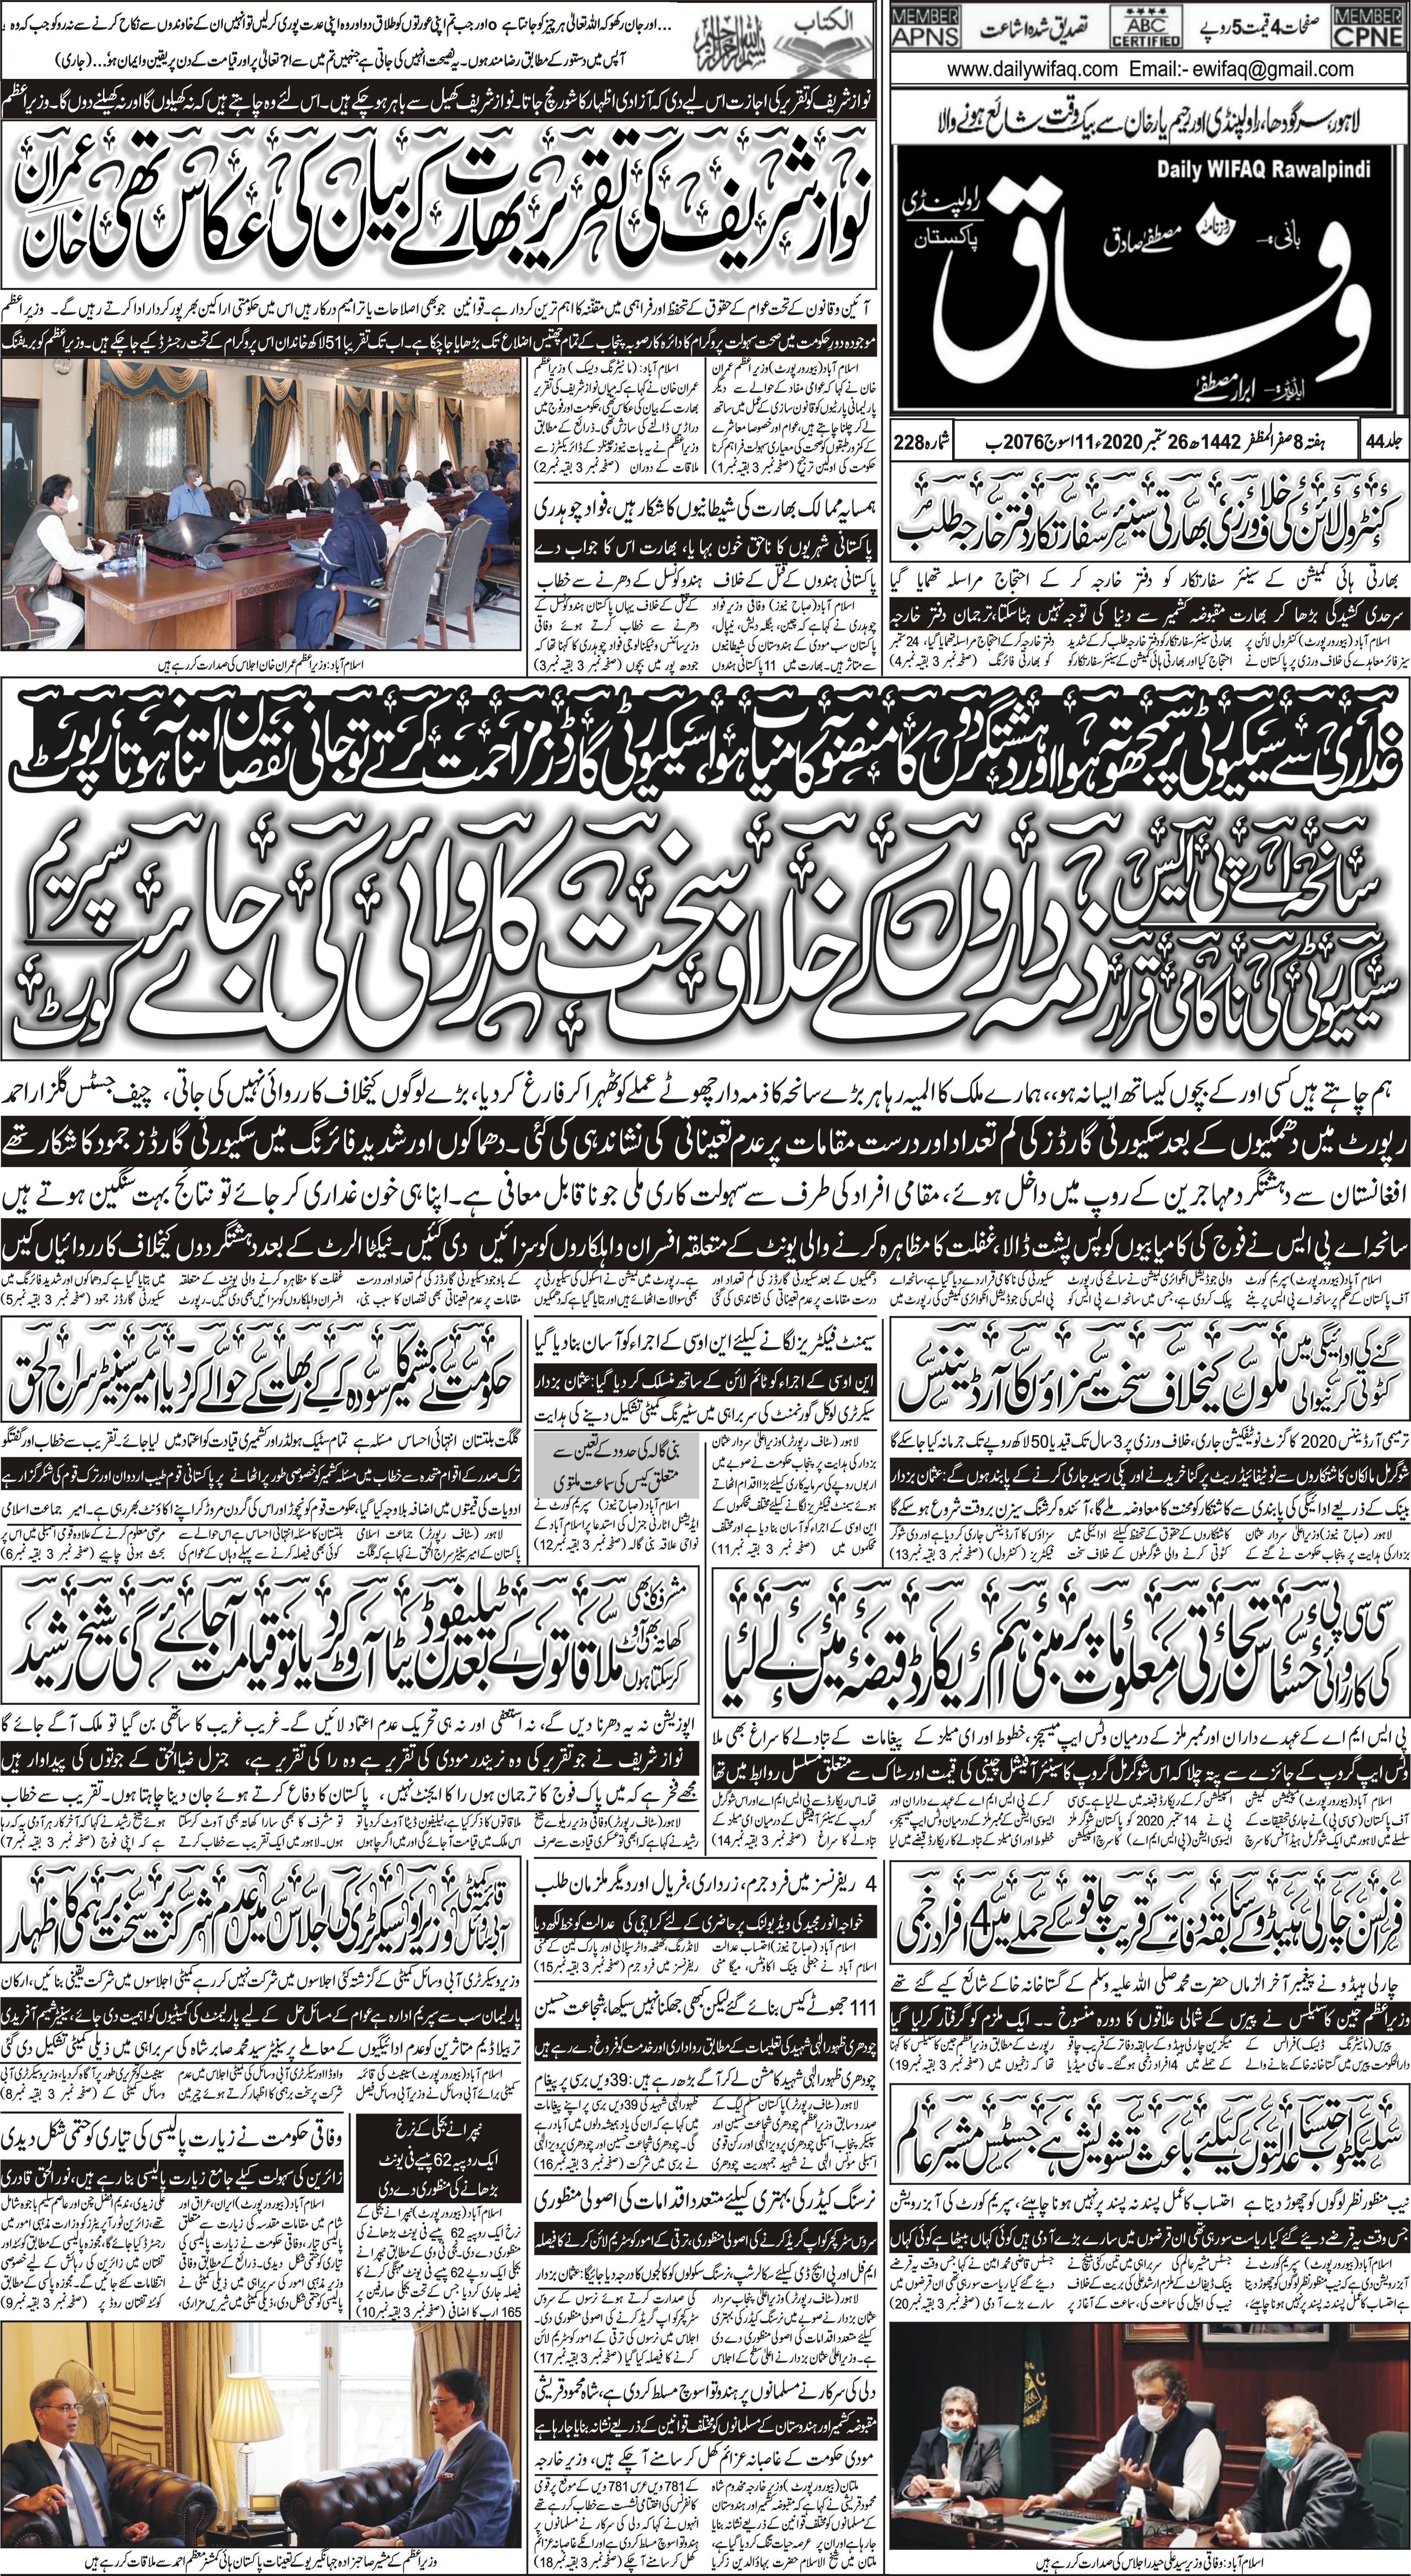 e-Paper – Daily Wifaq – Rawalpindi – 26-09-2020